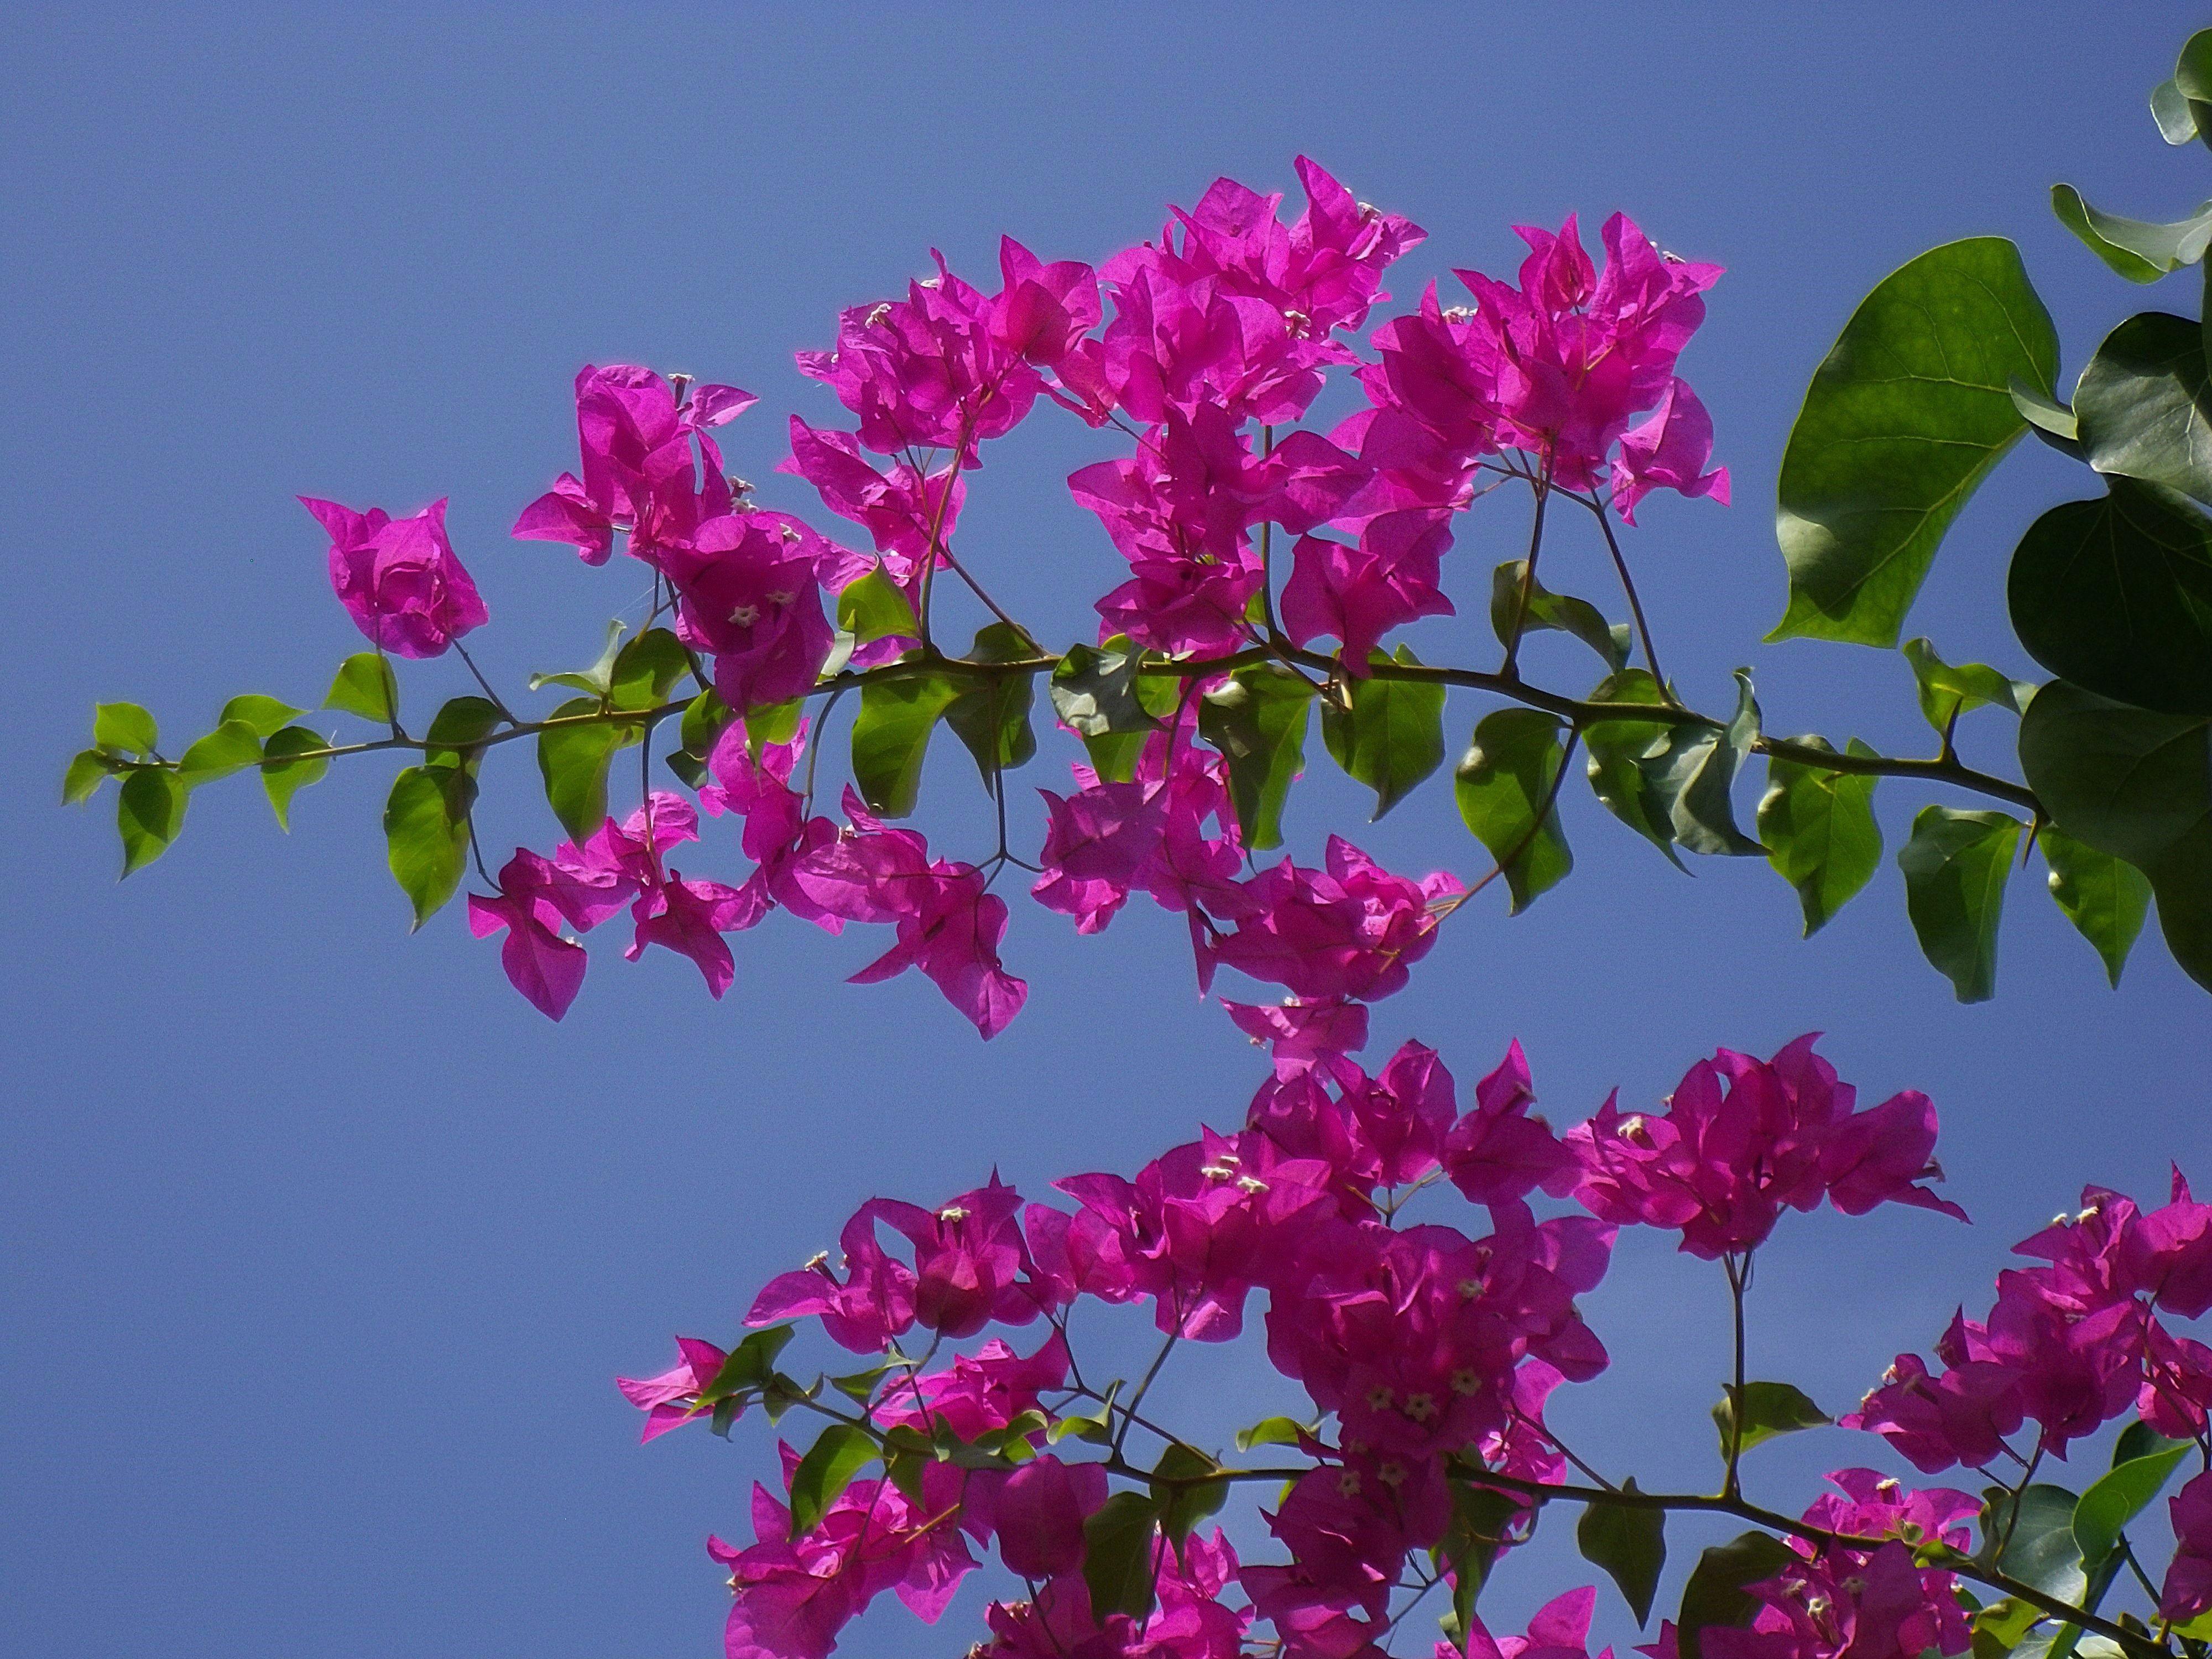 Bougainville Fleur dedans images gratuites : branche, fleur, pétale, botanique, flore